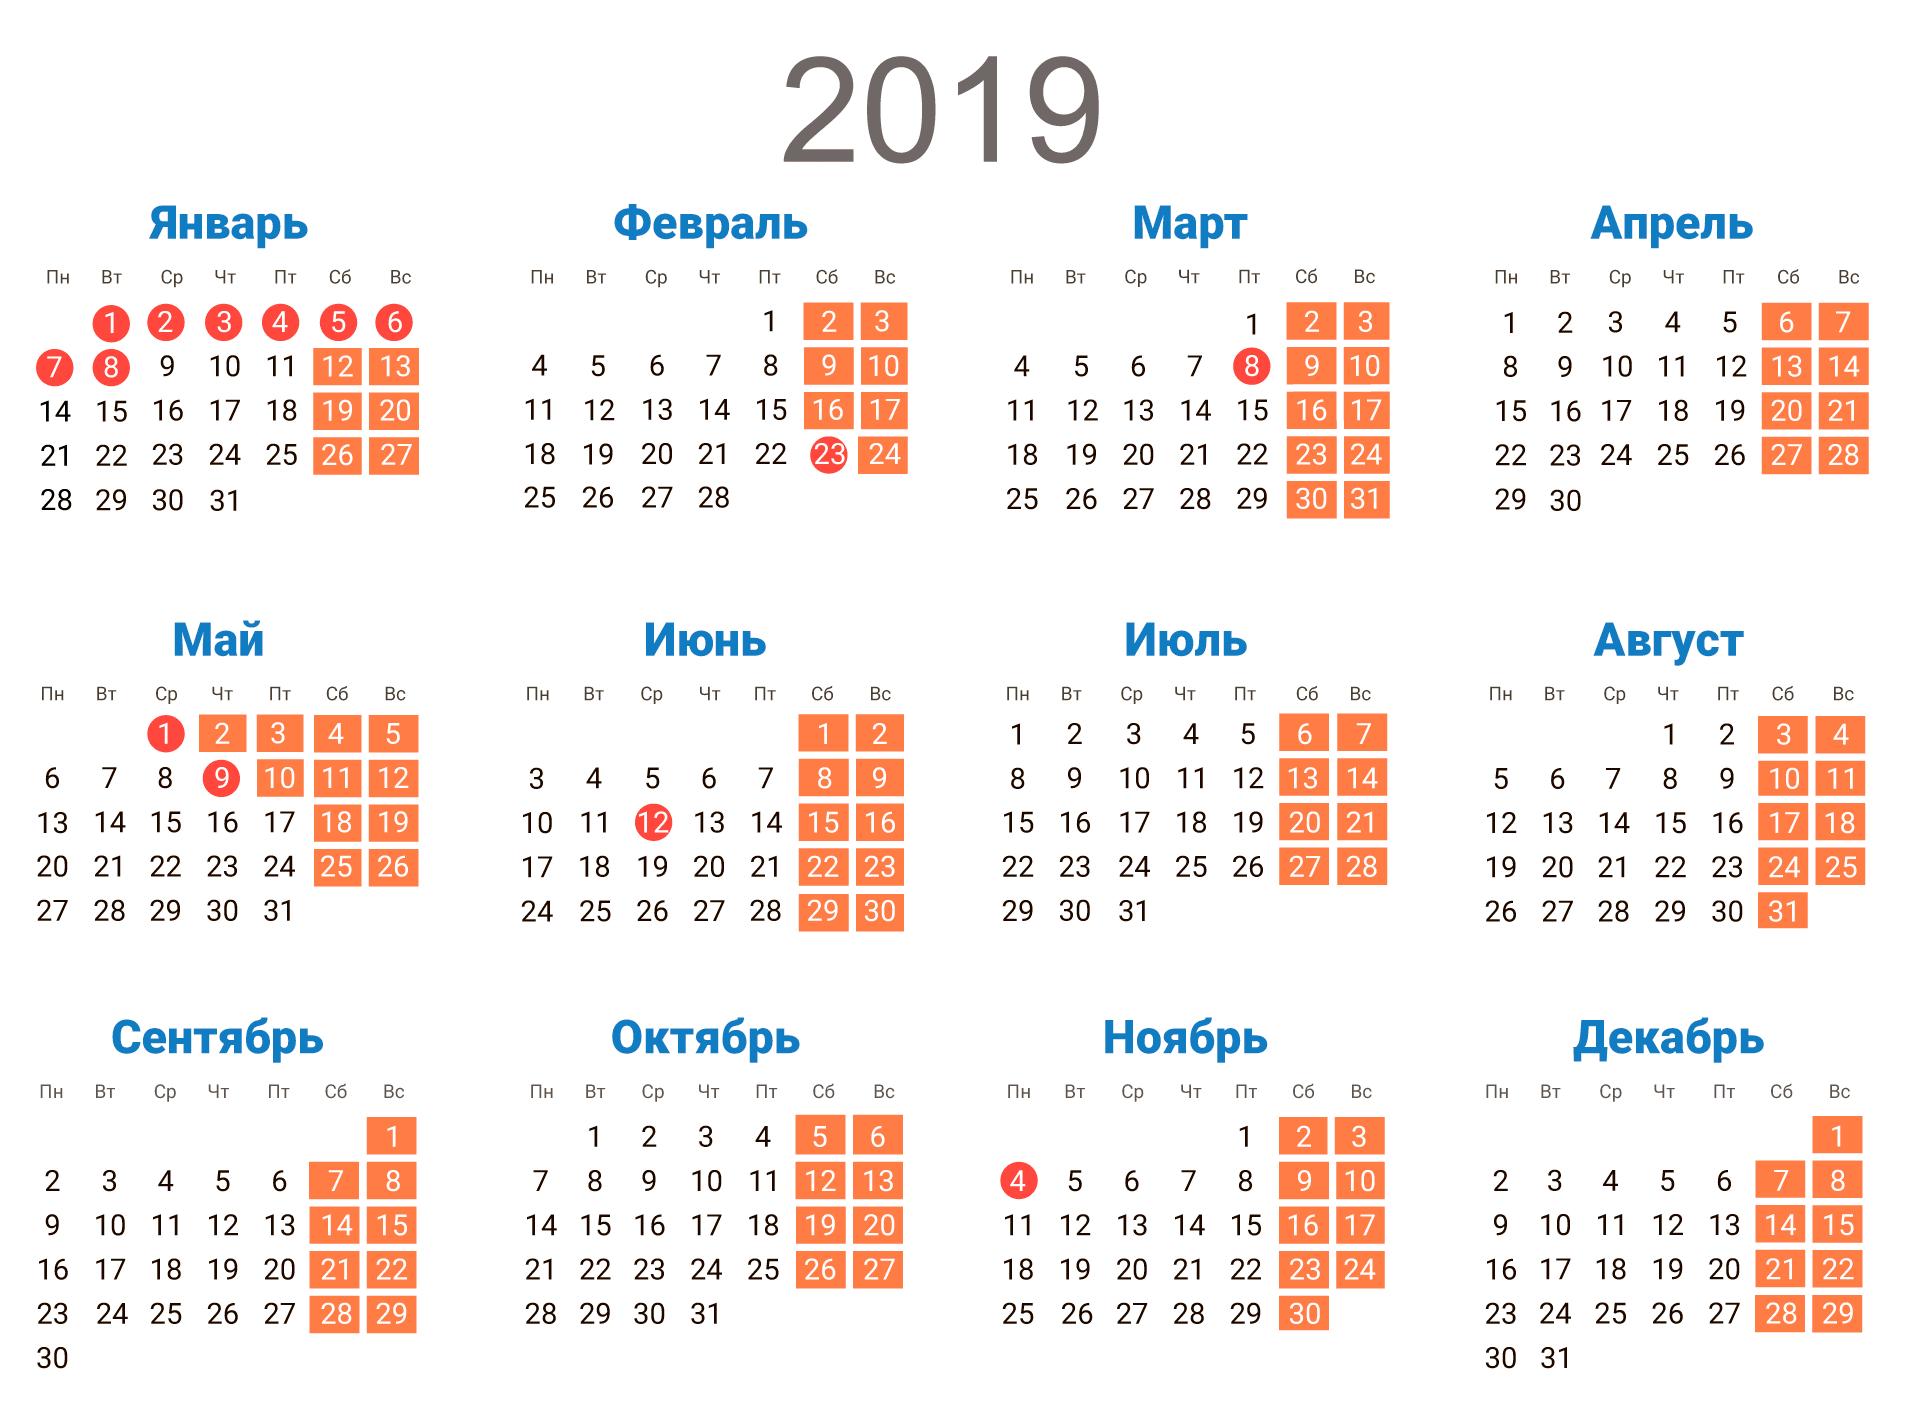 Календарь | Год 2019 в 2019 году